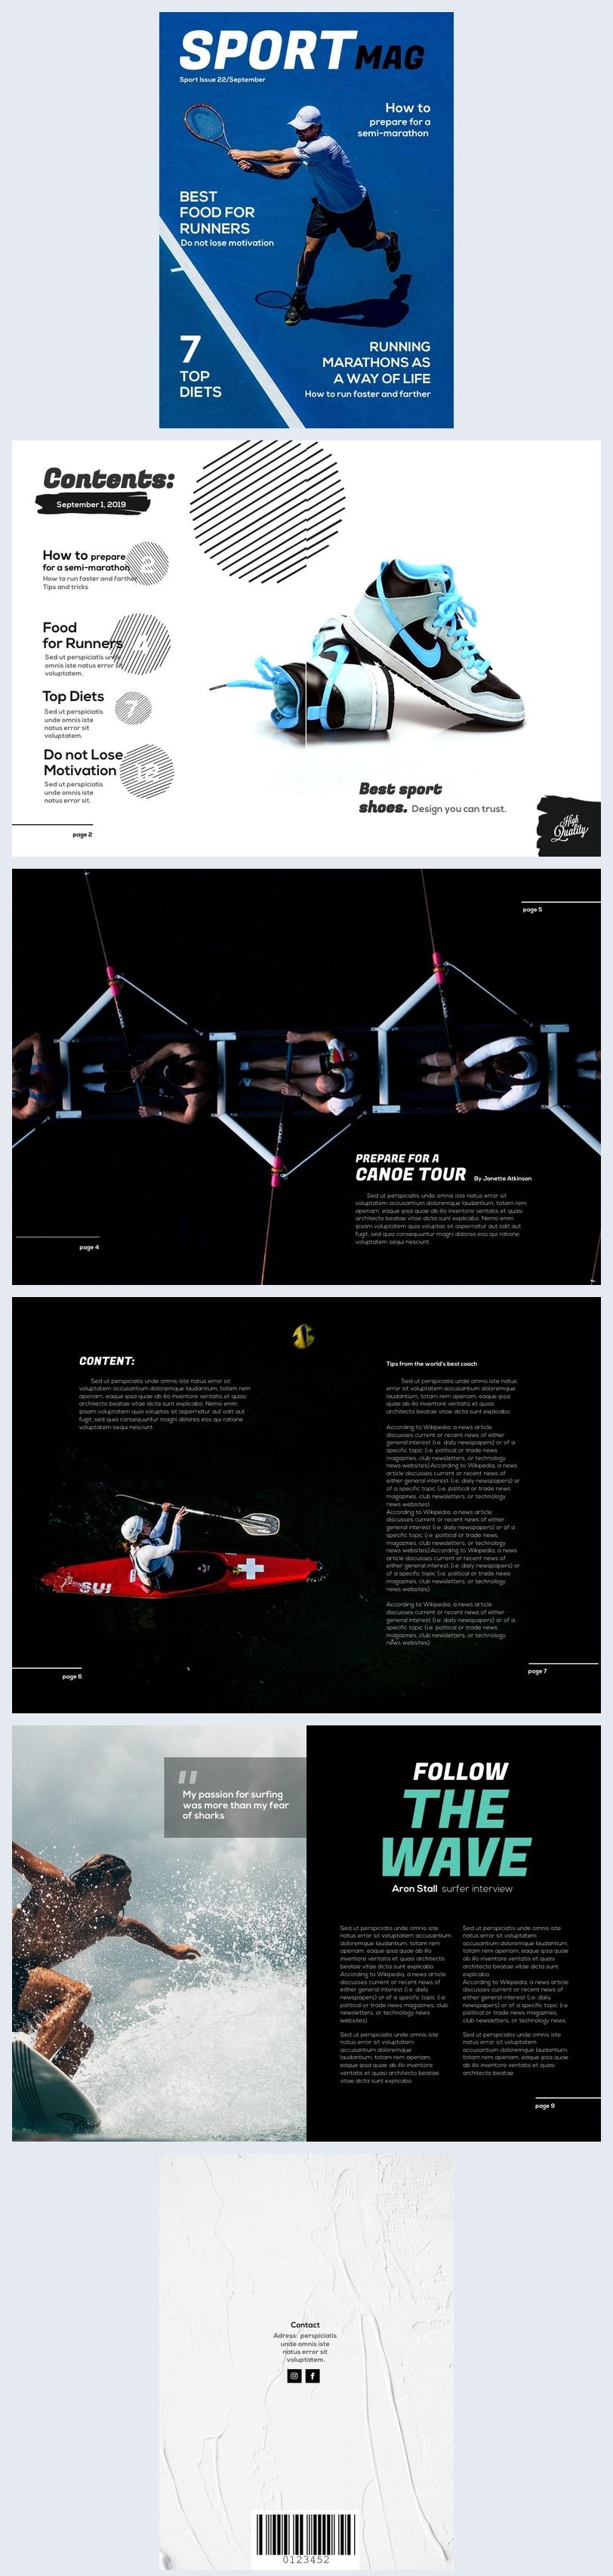 Diseño para revista deportiva